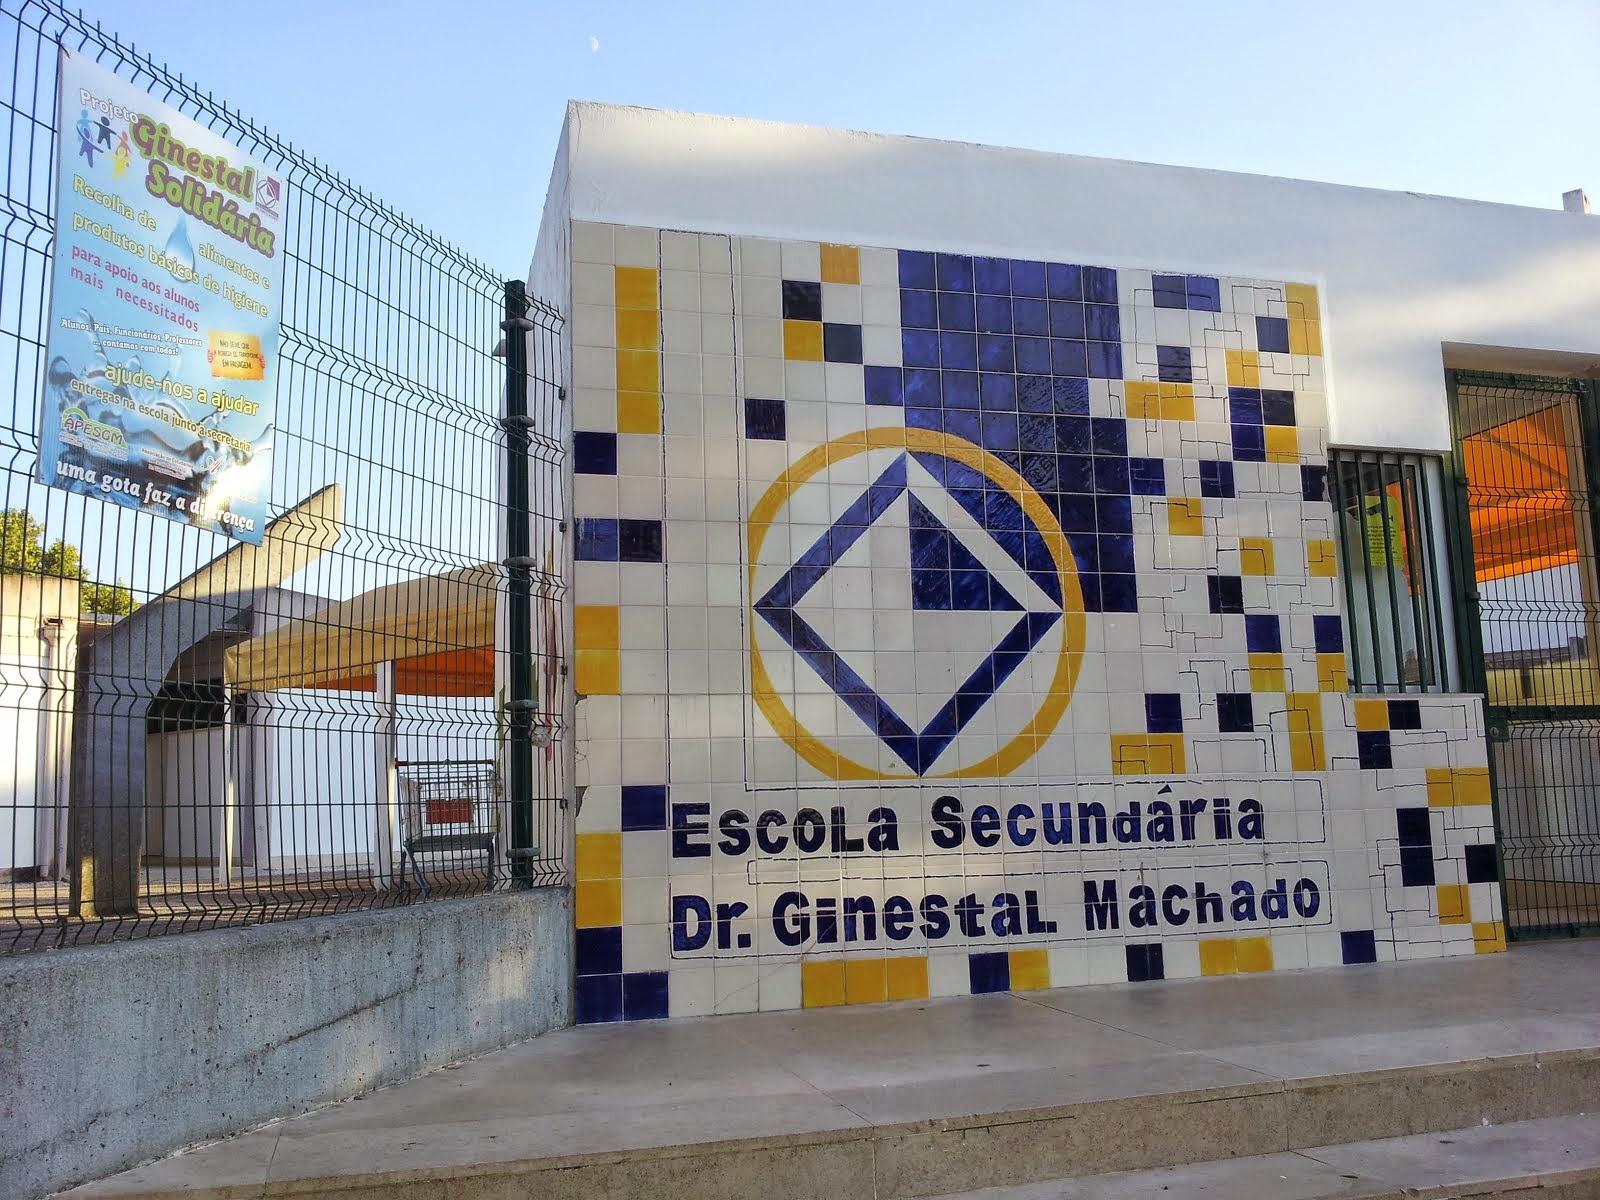 Entrada da Escola Secundária Dr. Ginestal Machado